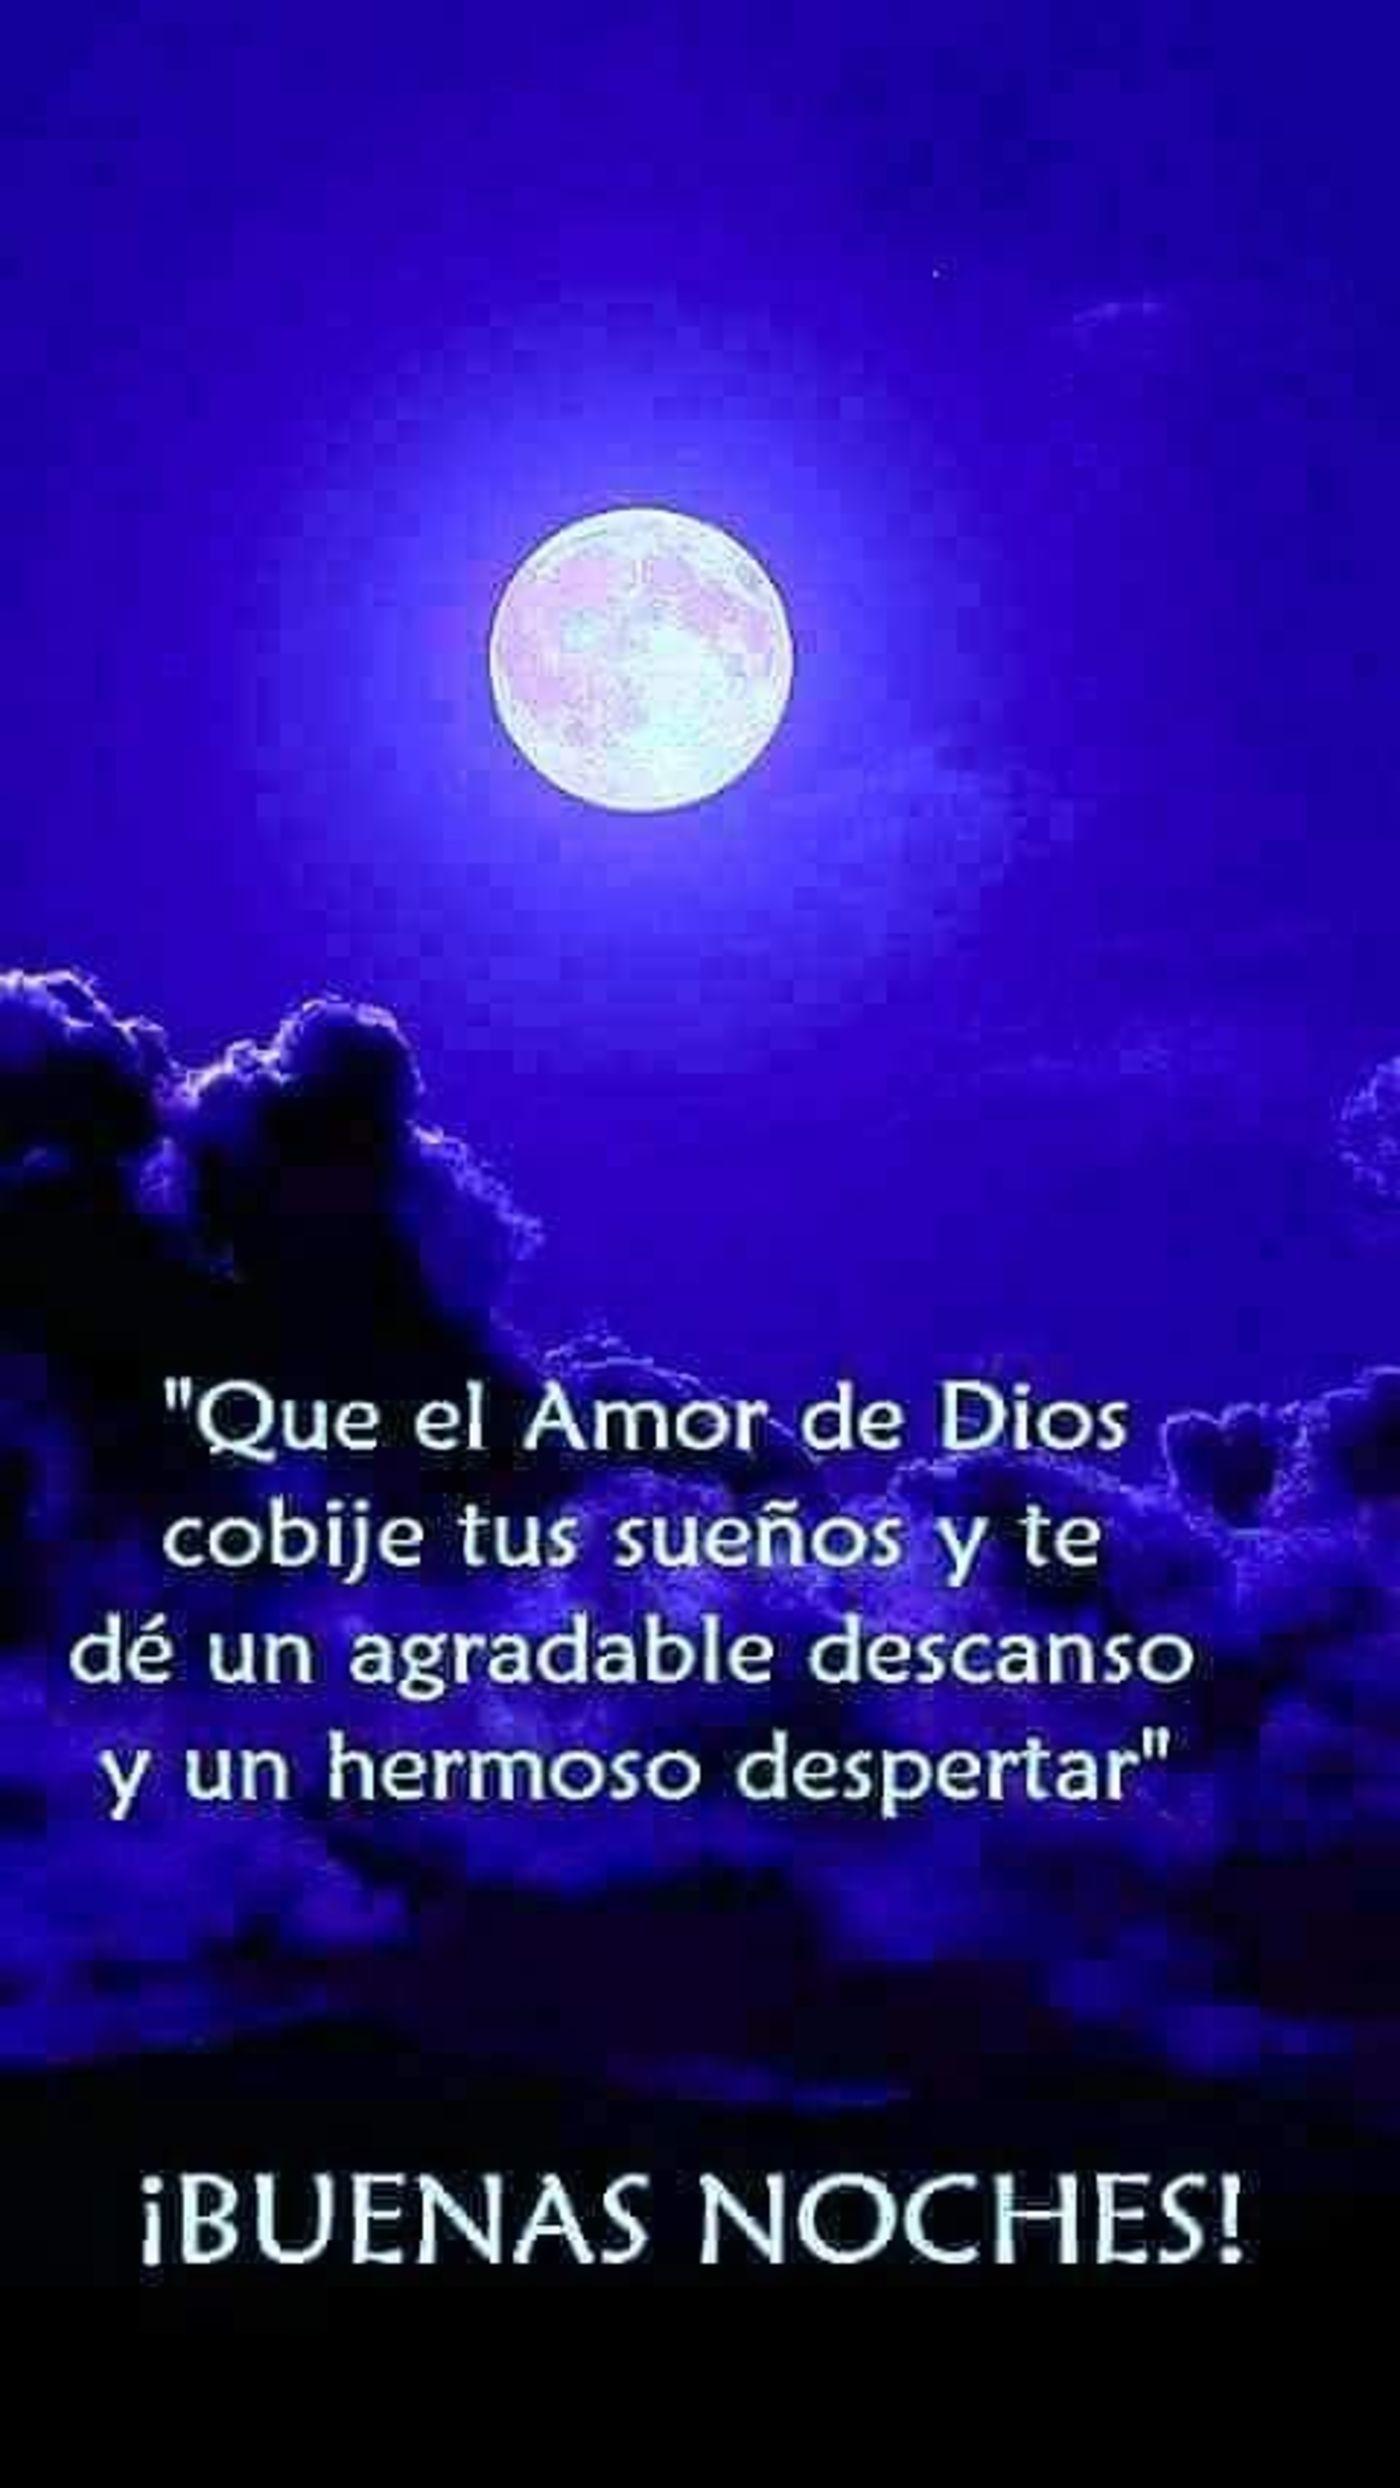 Buenas noches con Dios